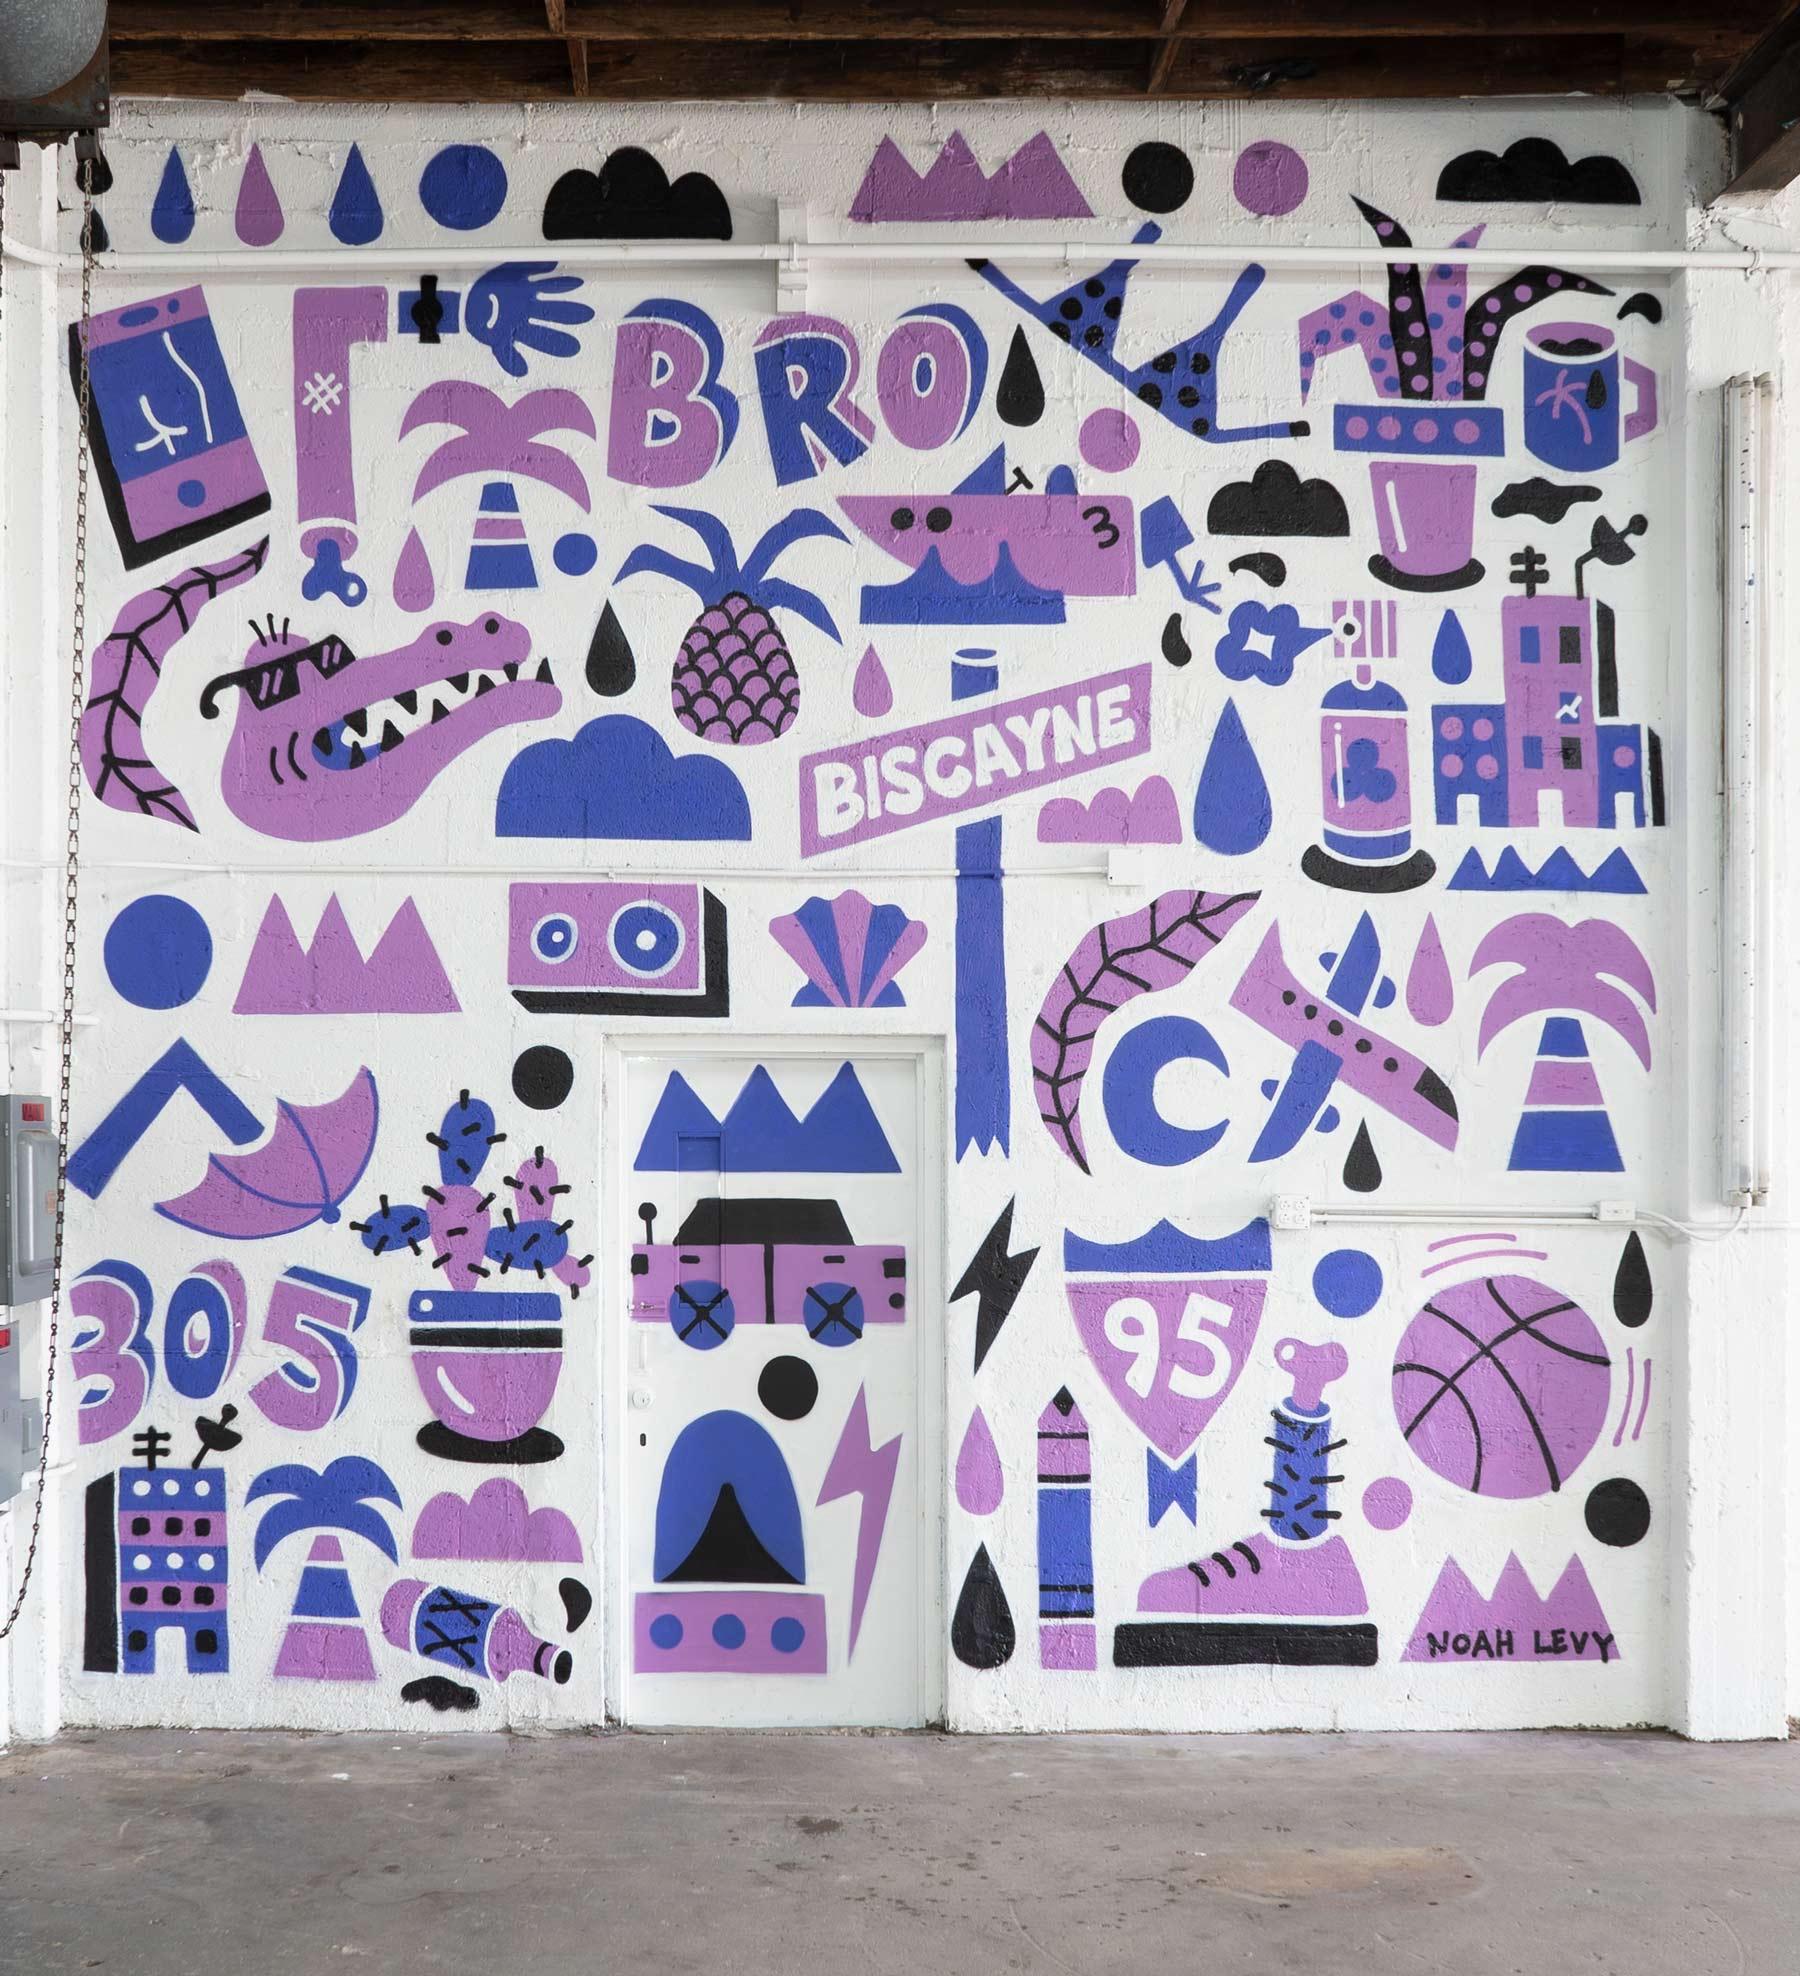 Noah-Levy-Dwyane-Wade-County-Socks-Mural-1.jpg